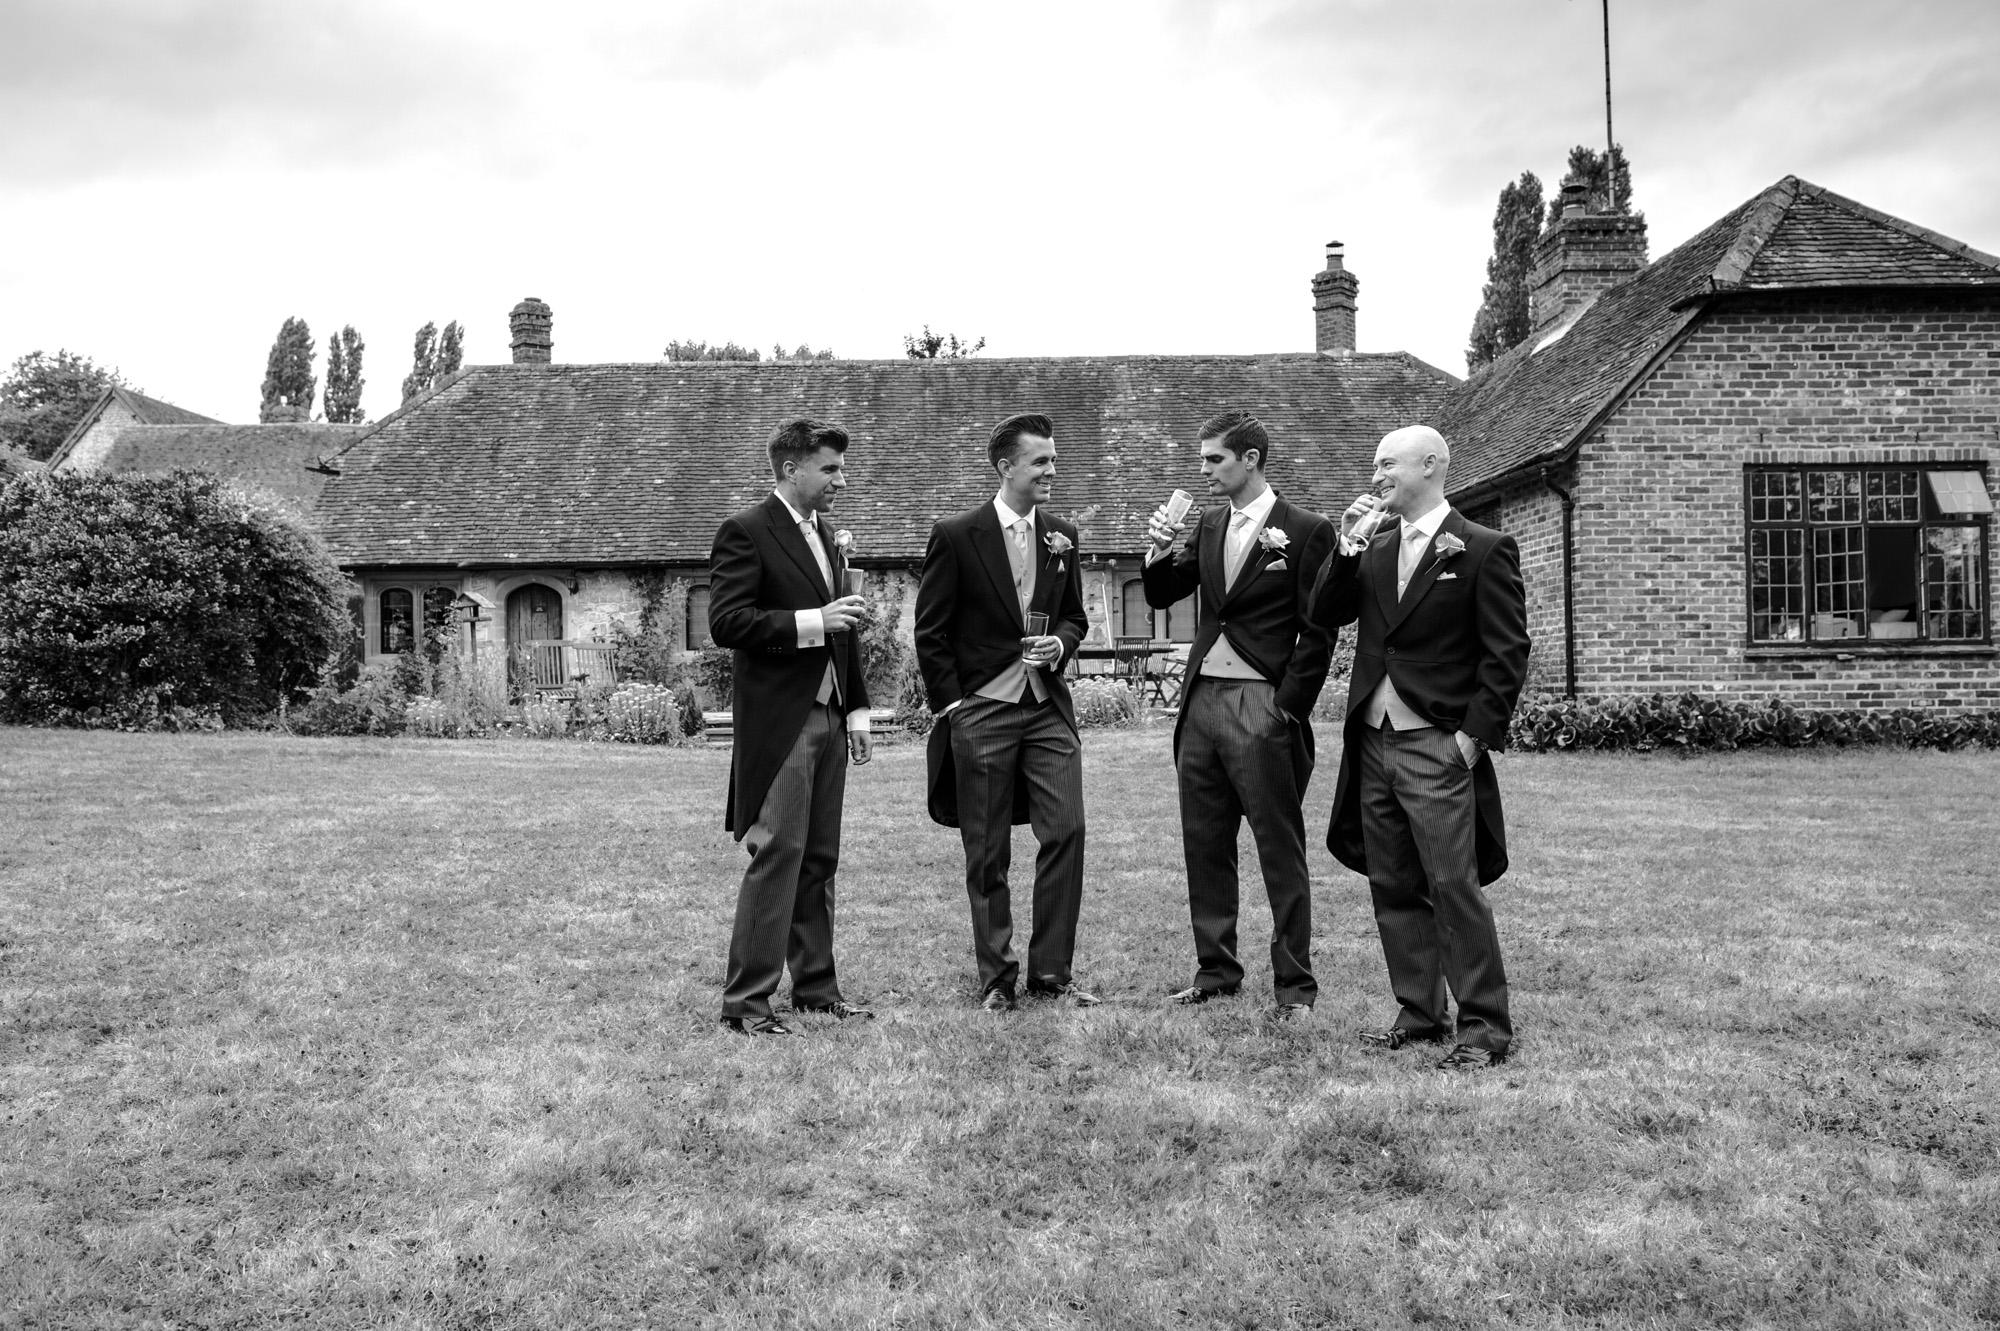 Notley Barn Wedding 26.10.18 5.jpg